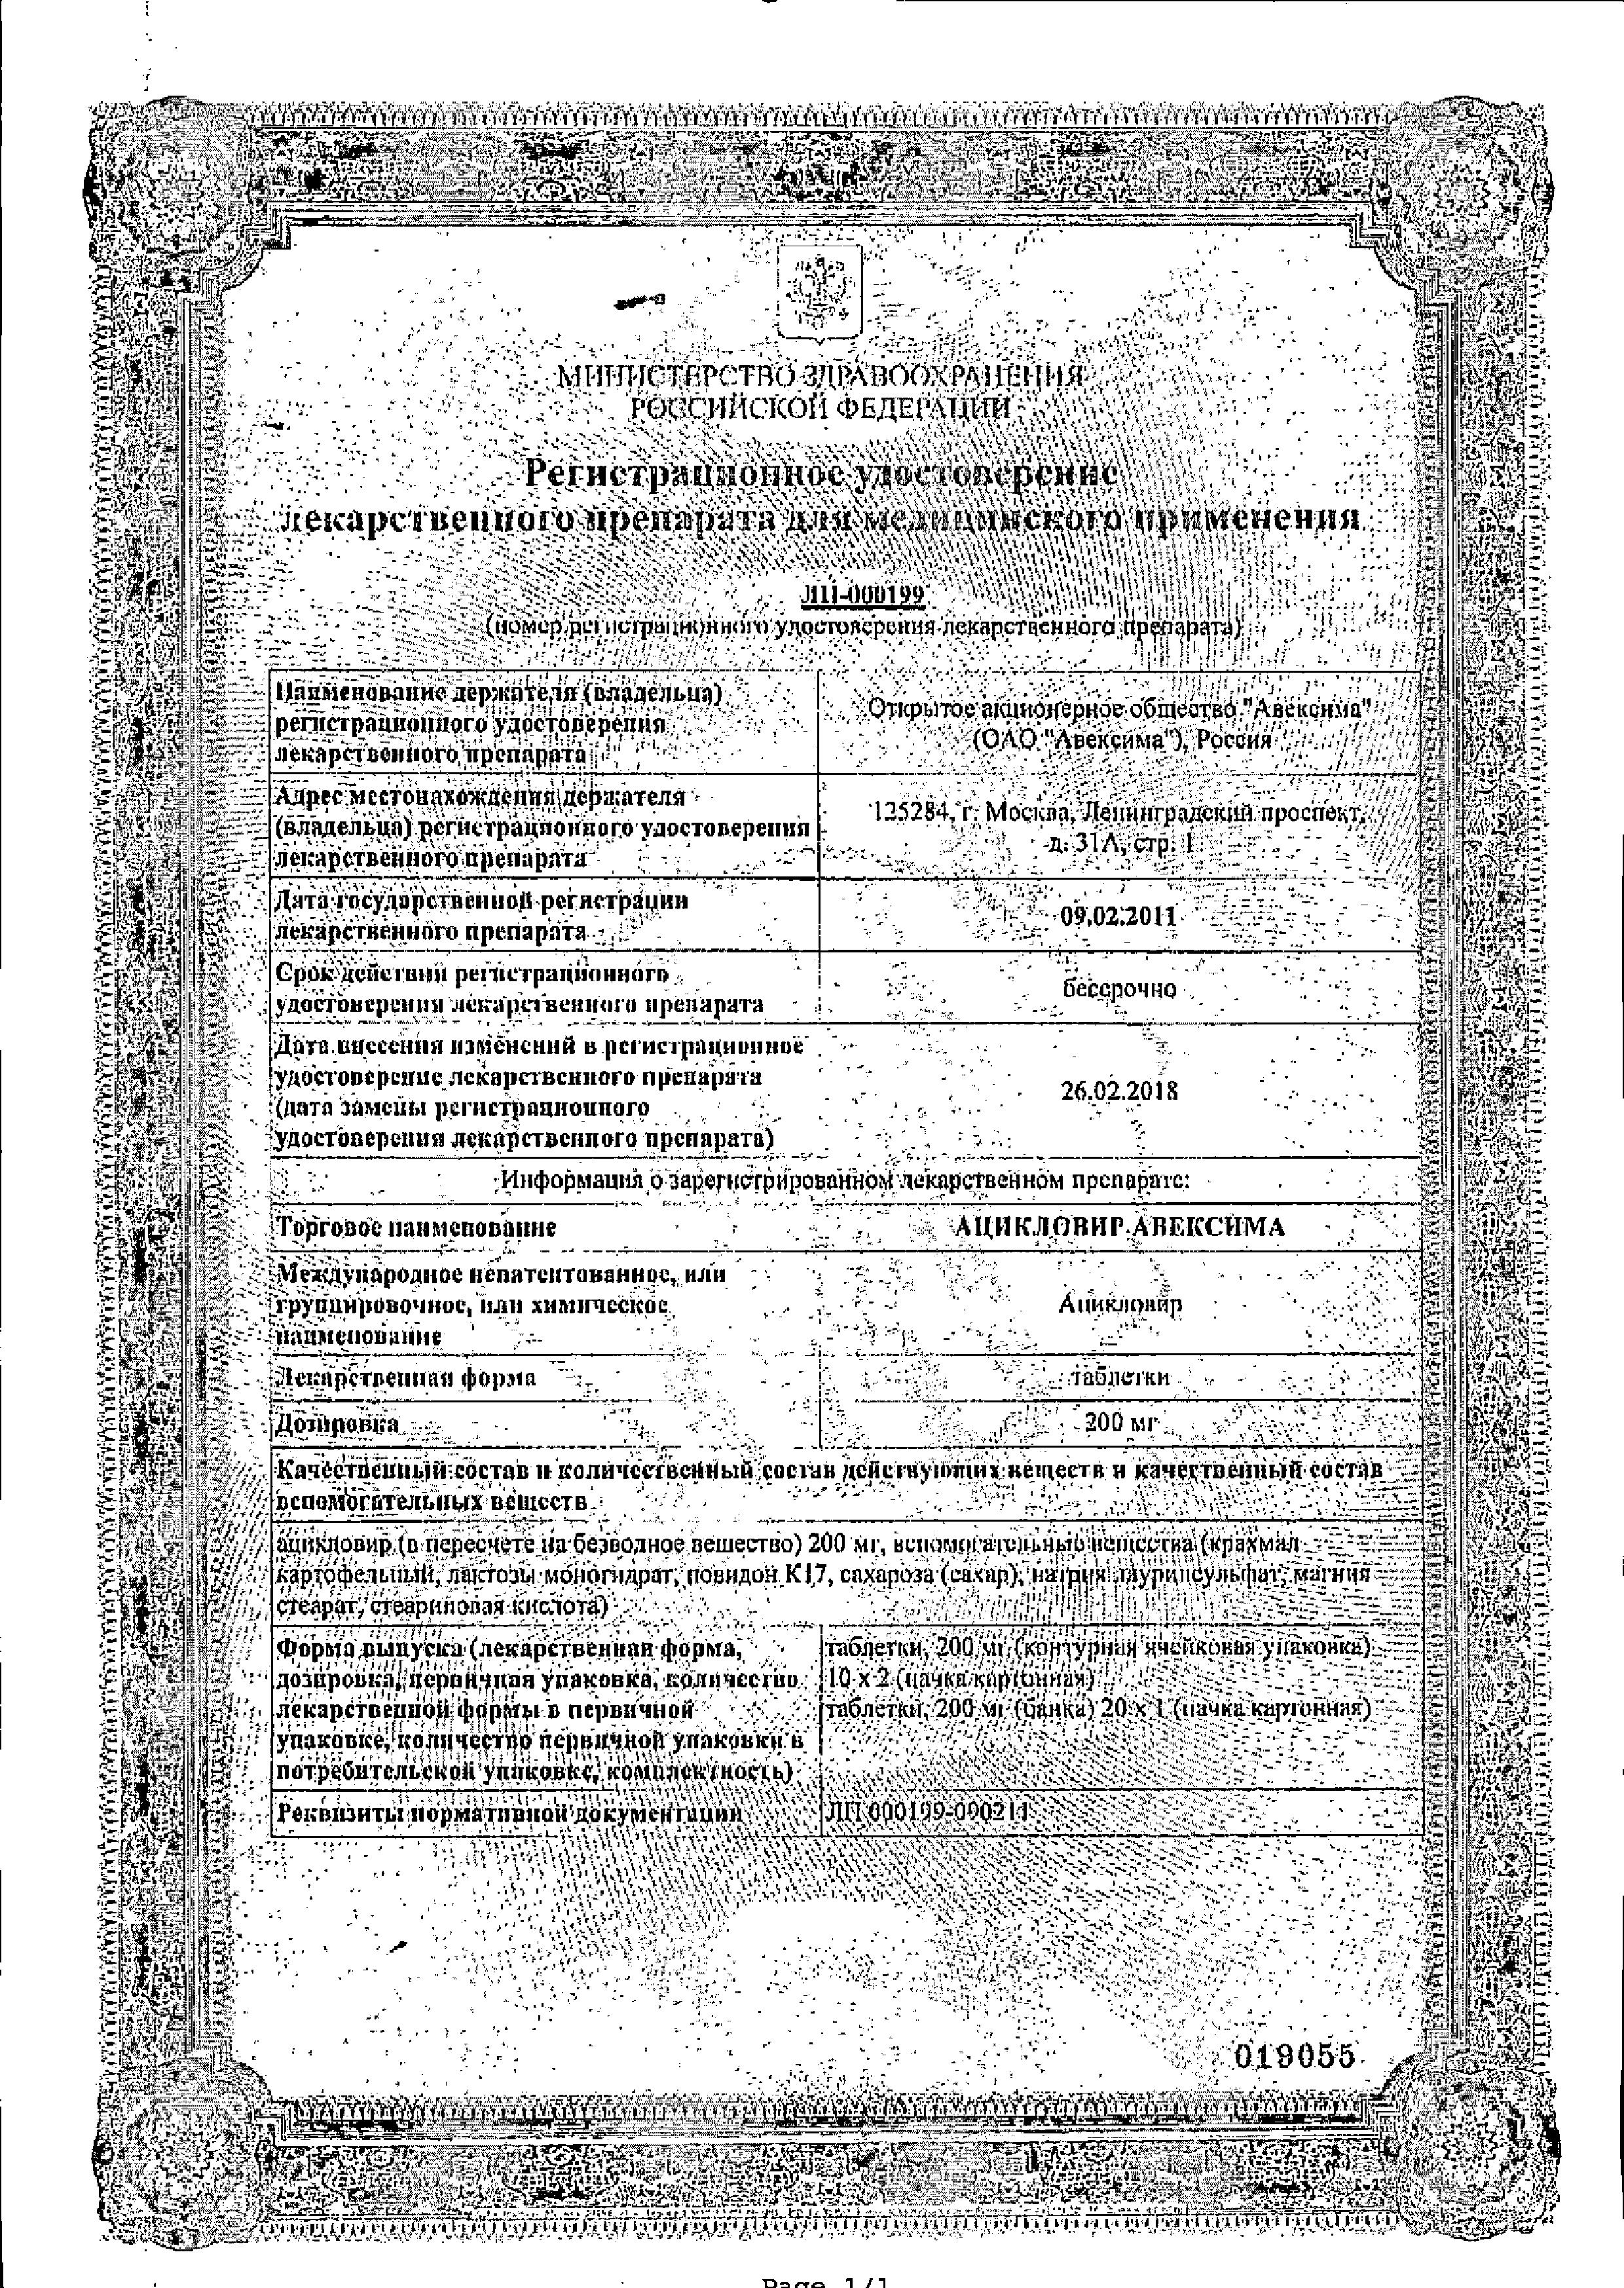 Ацикловир Авексима сертификат